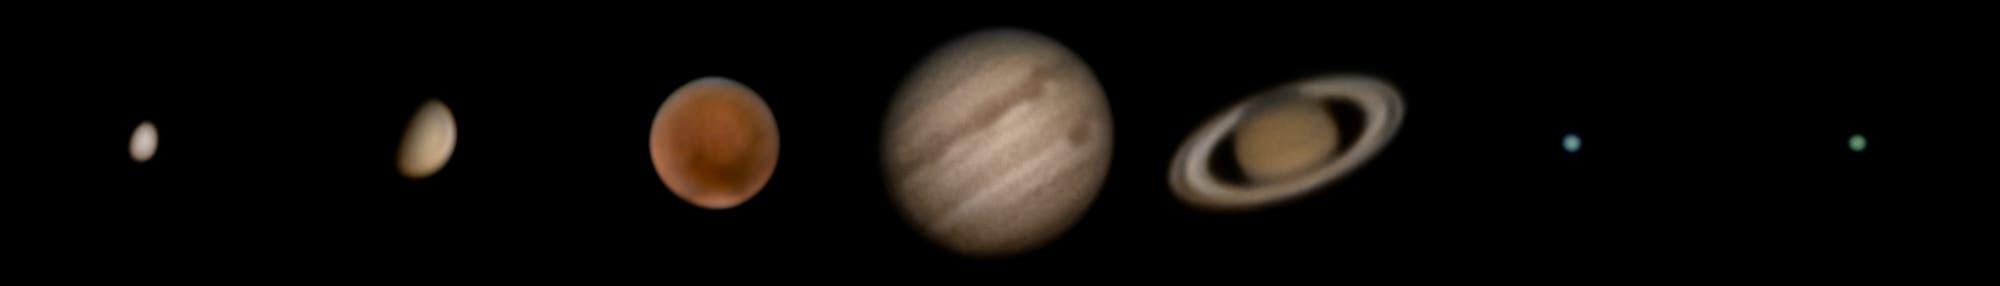 7 Planeten mit mit 65-mm-Refraktor und Systemkamera